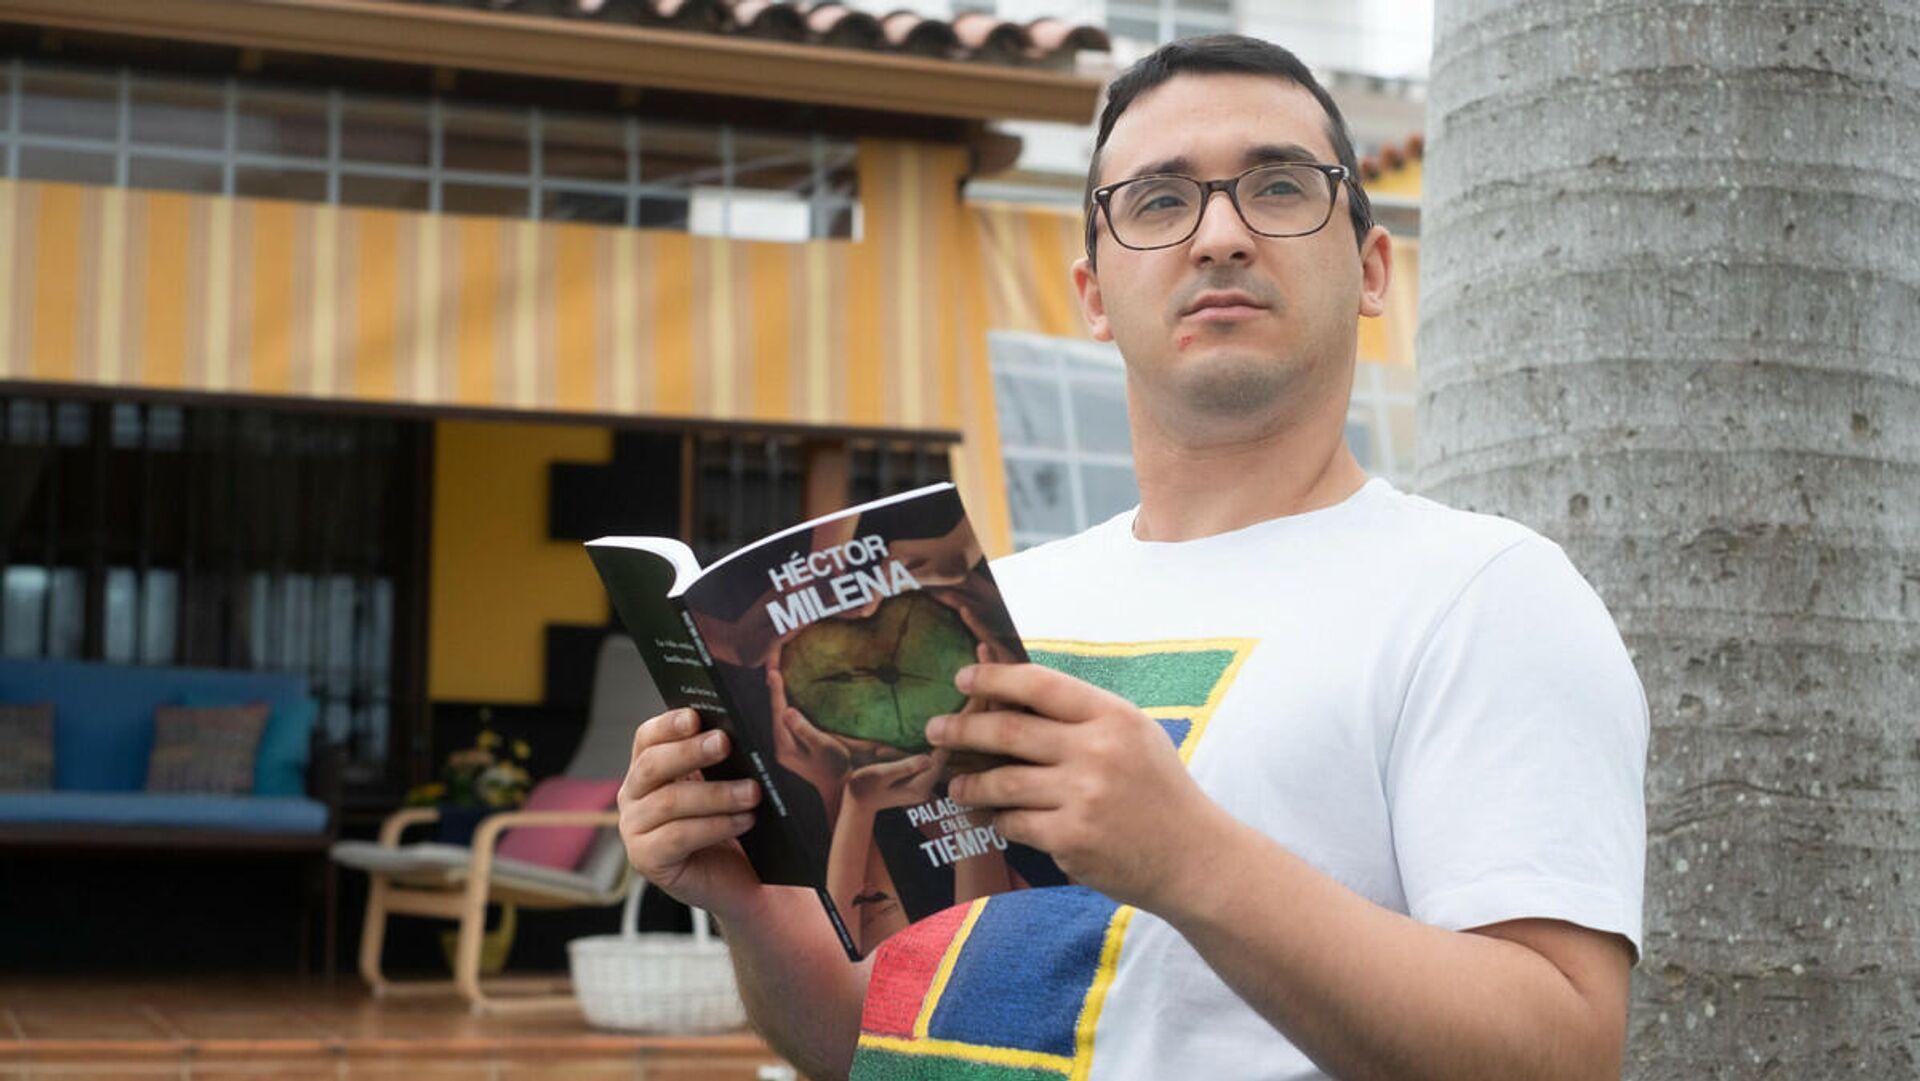 Héctor Milena, poeta español con discapacidad física - Sputnik Mundo, 1920, 25.07.2021